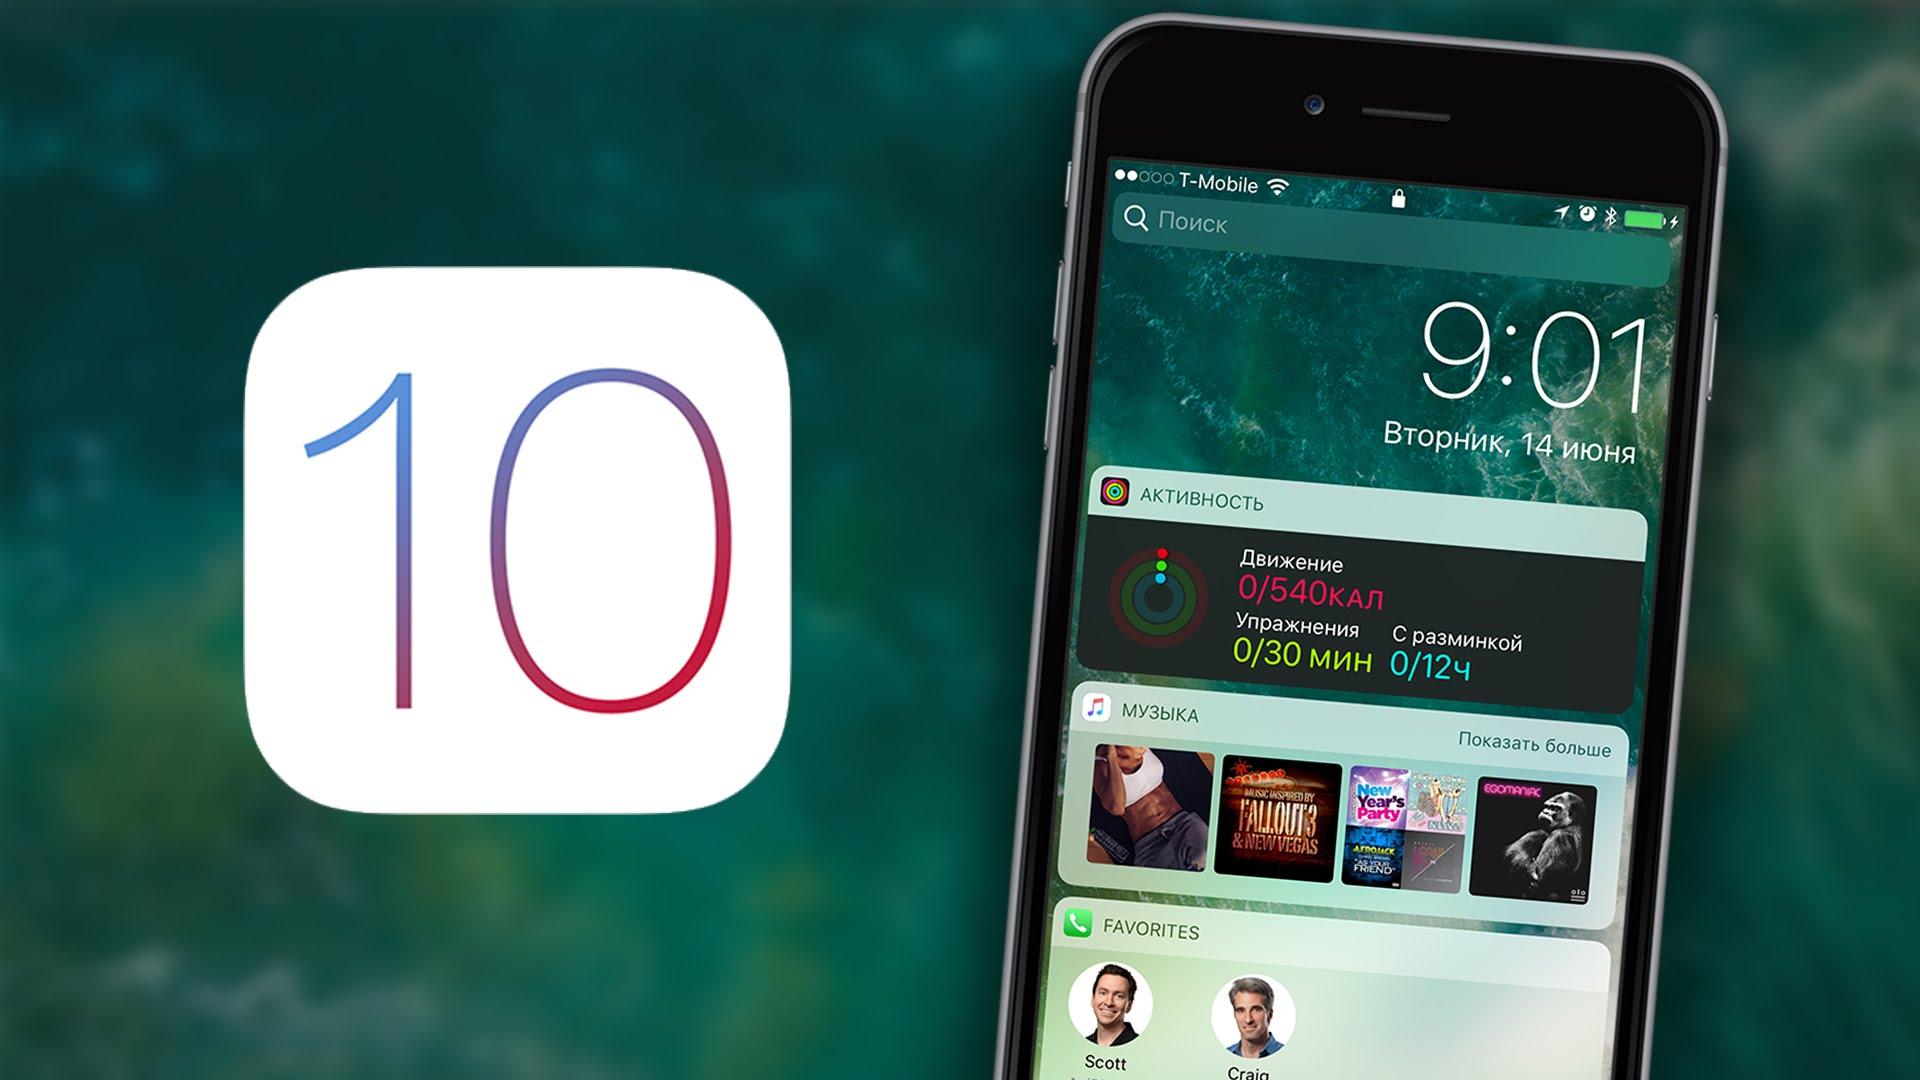 Các cách khắc phục lỗi trên iOS 10 Các cách khắc phục lỗi trên iOS 10 - Các cách khắc phục lỗi trên iOS 10